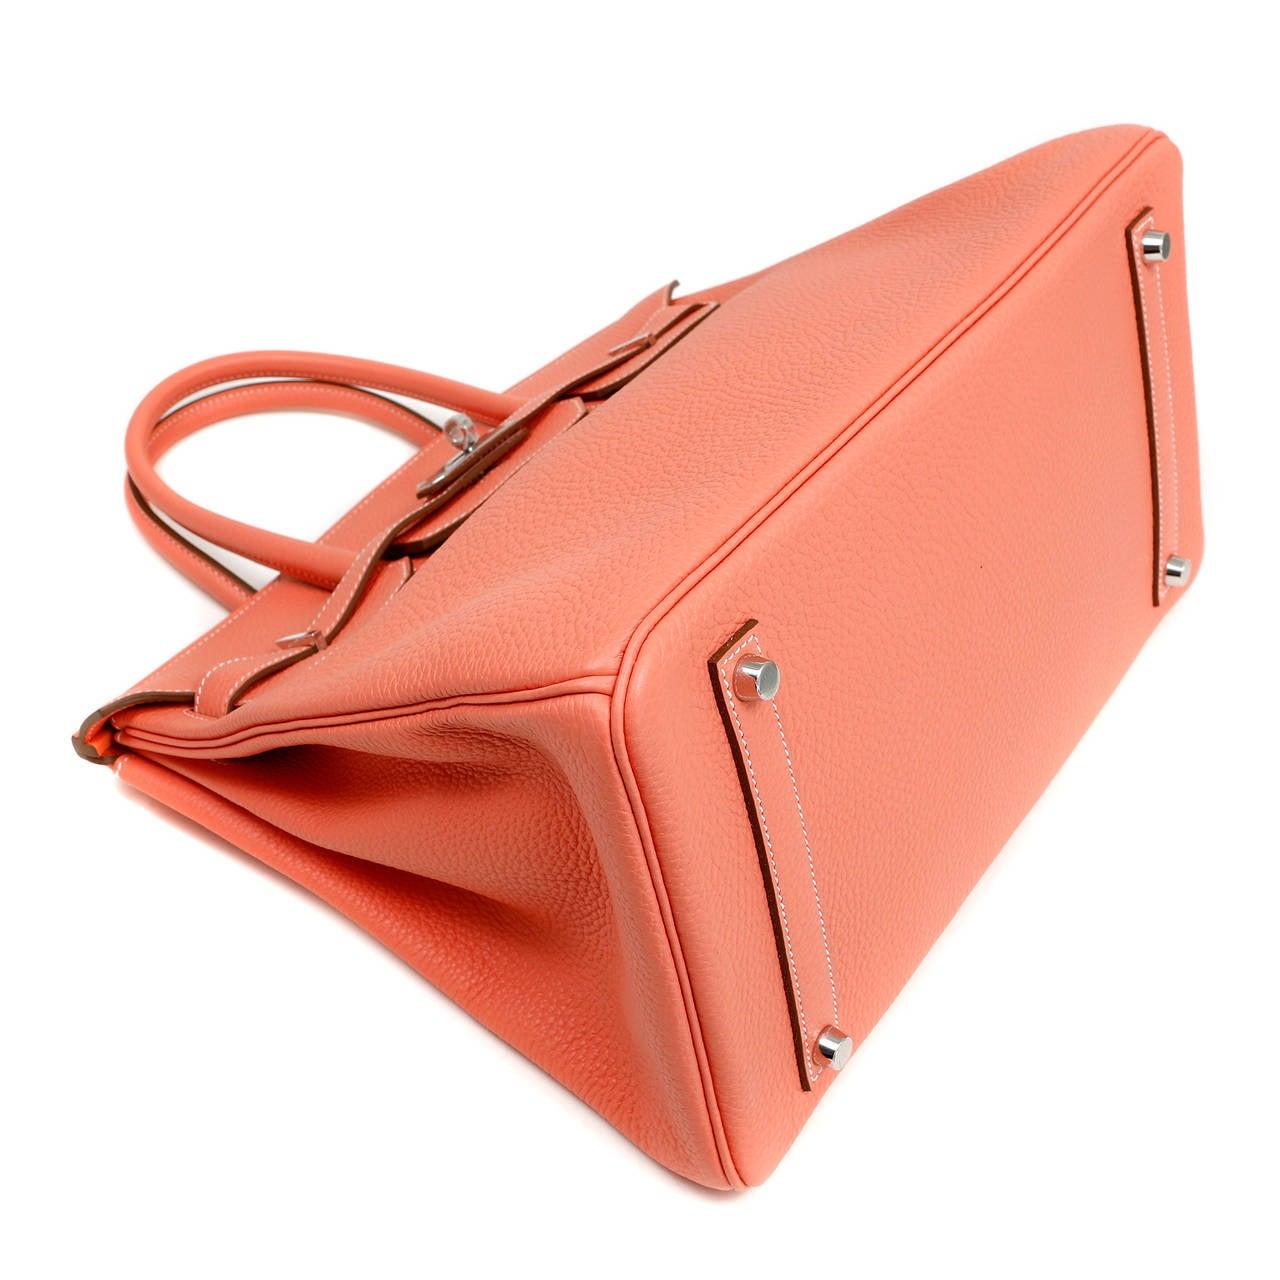 Hermes Crevette Togo 35 cm Birkin Bag- Salmon Pink Color 6